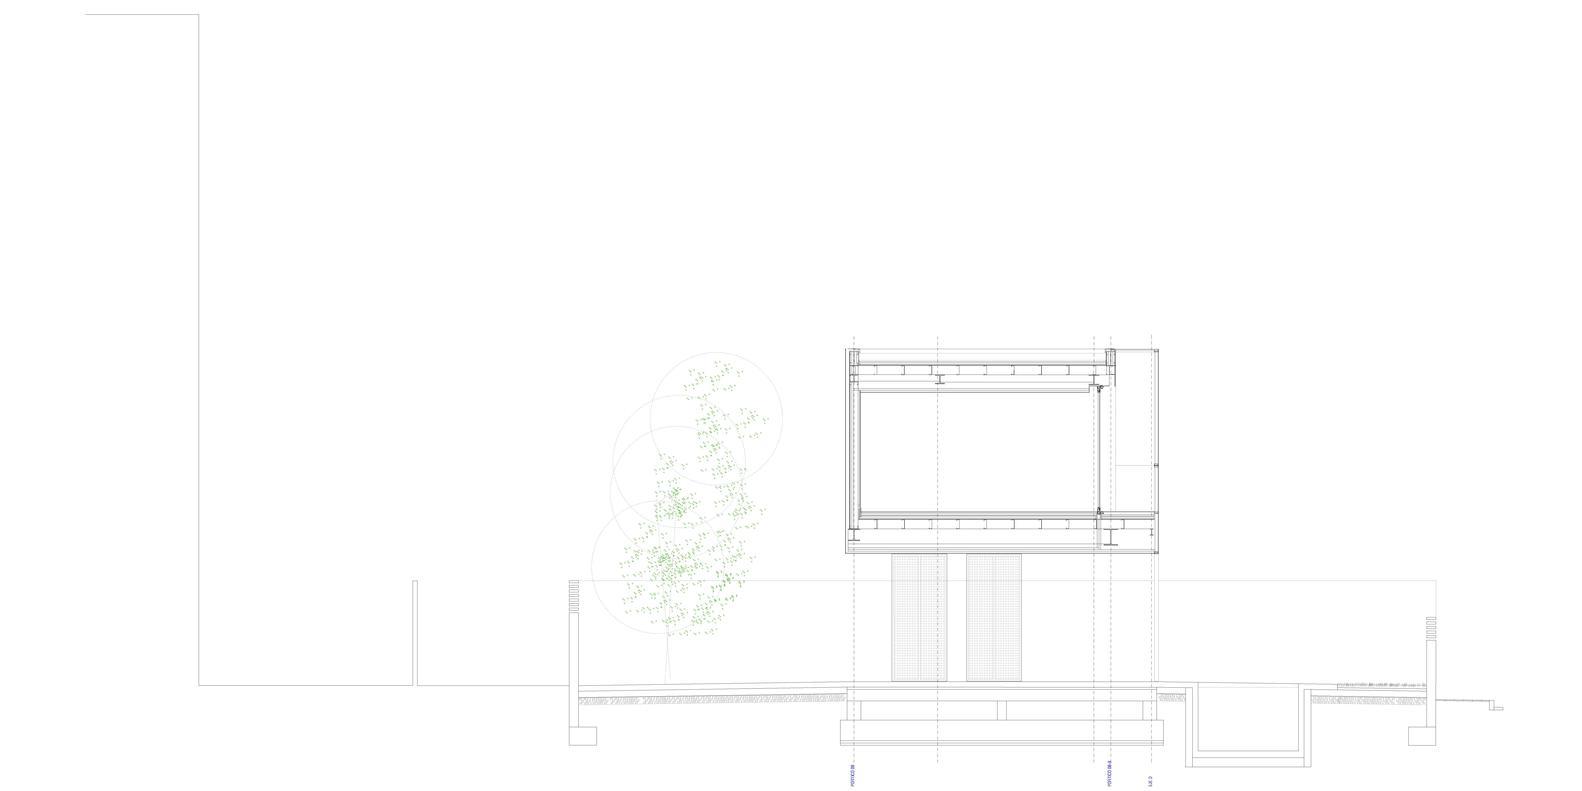 Bố trí mặt bằng - Castelldefels House - mặt cắt - 4